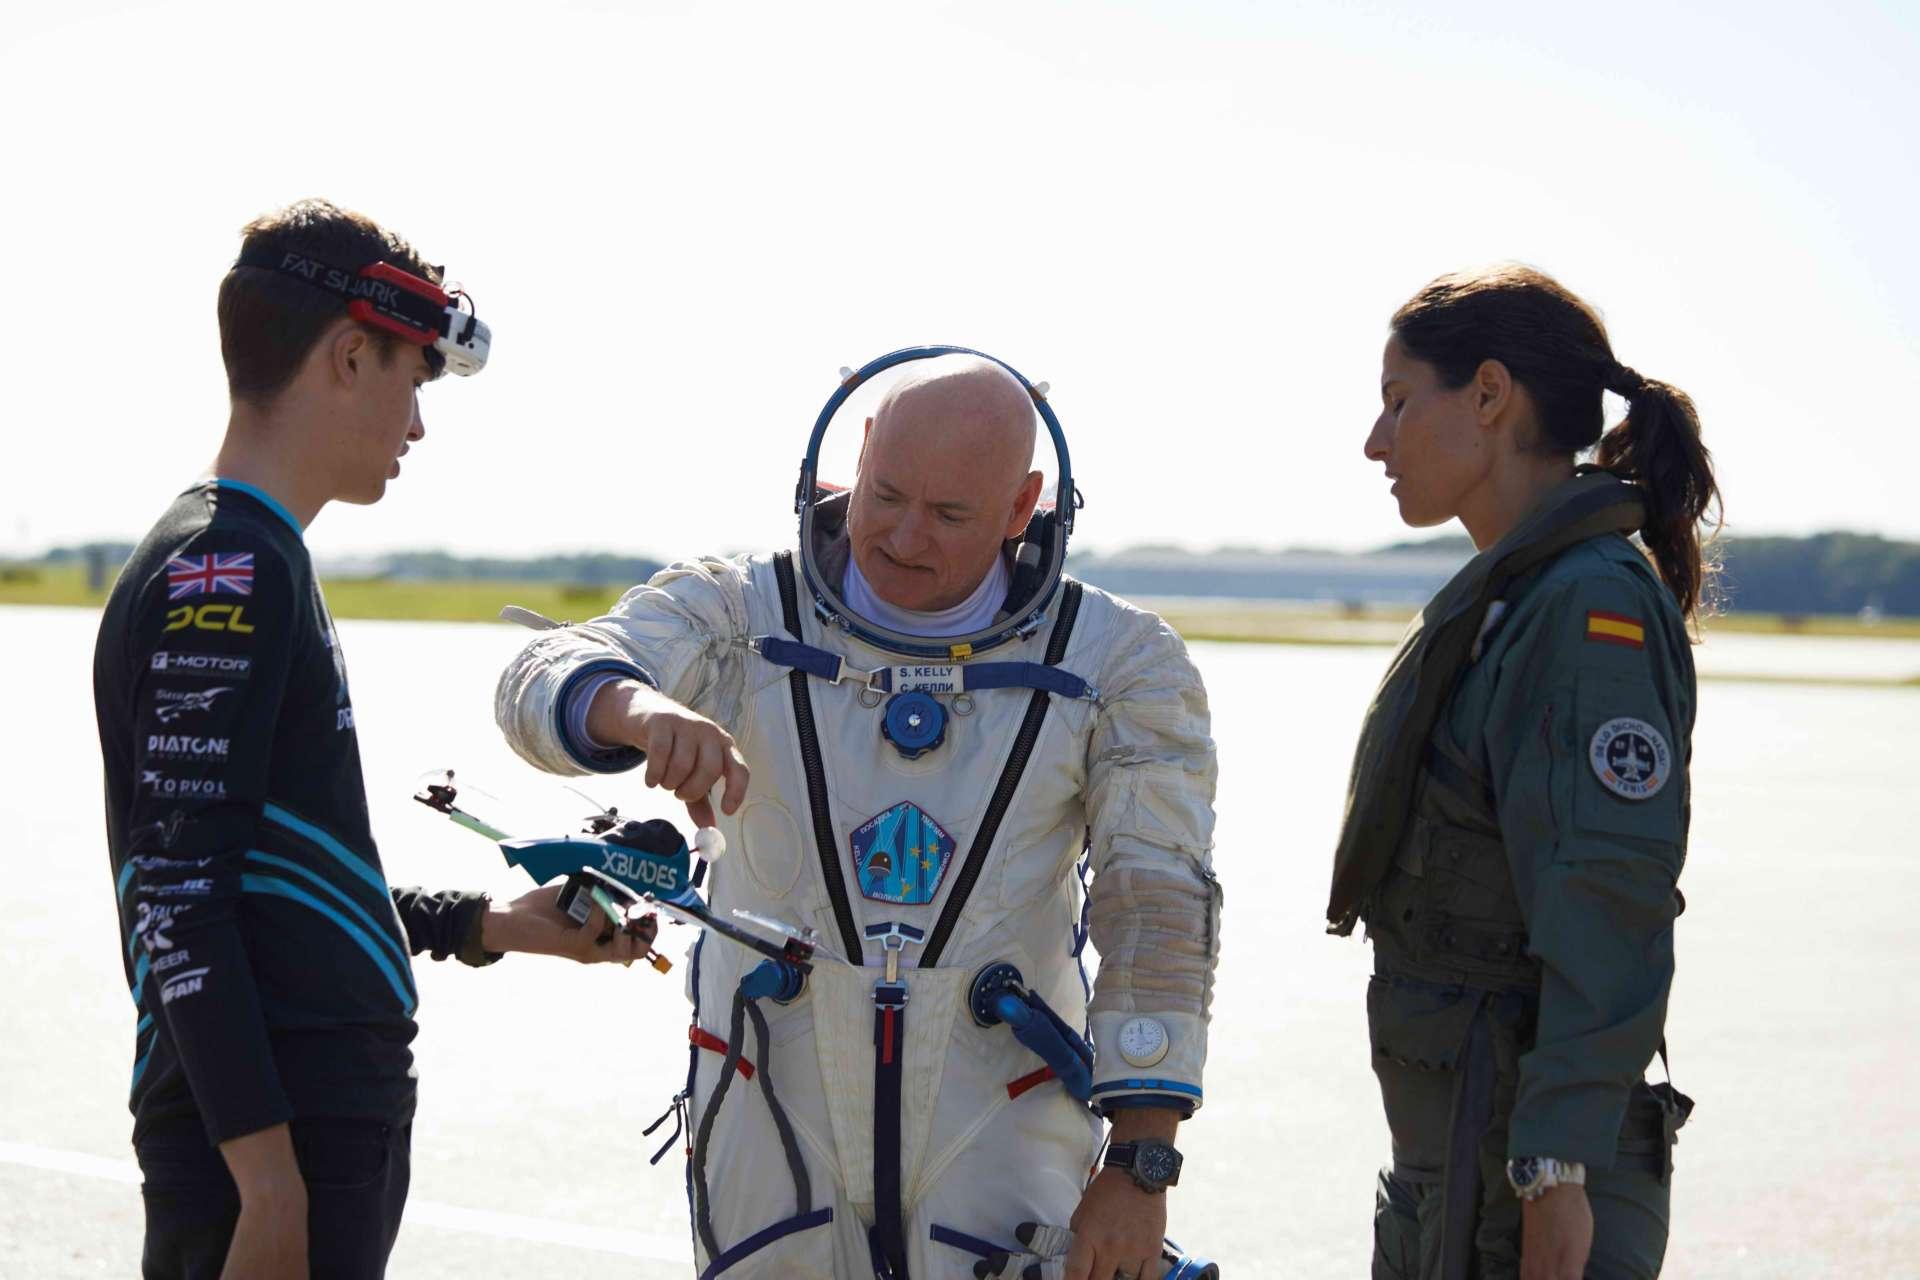 百年靈航空先鋒行動隊三位成員,左起依序為Luke Bannister、Scott Kelly與Rocío González Torres。